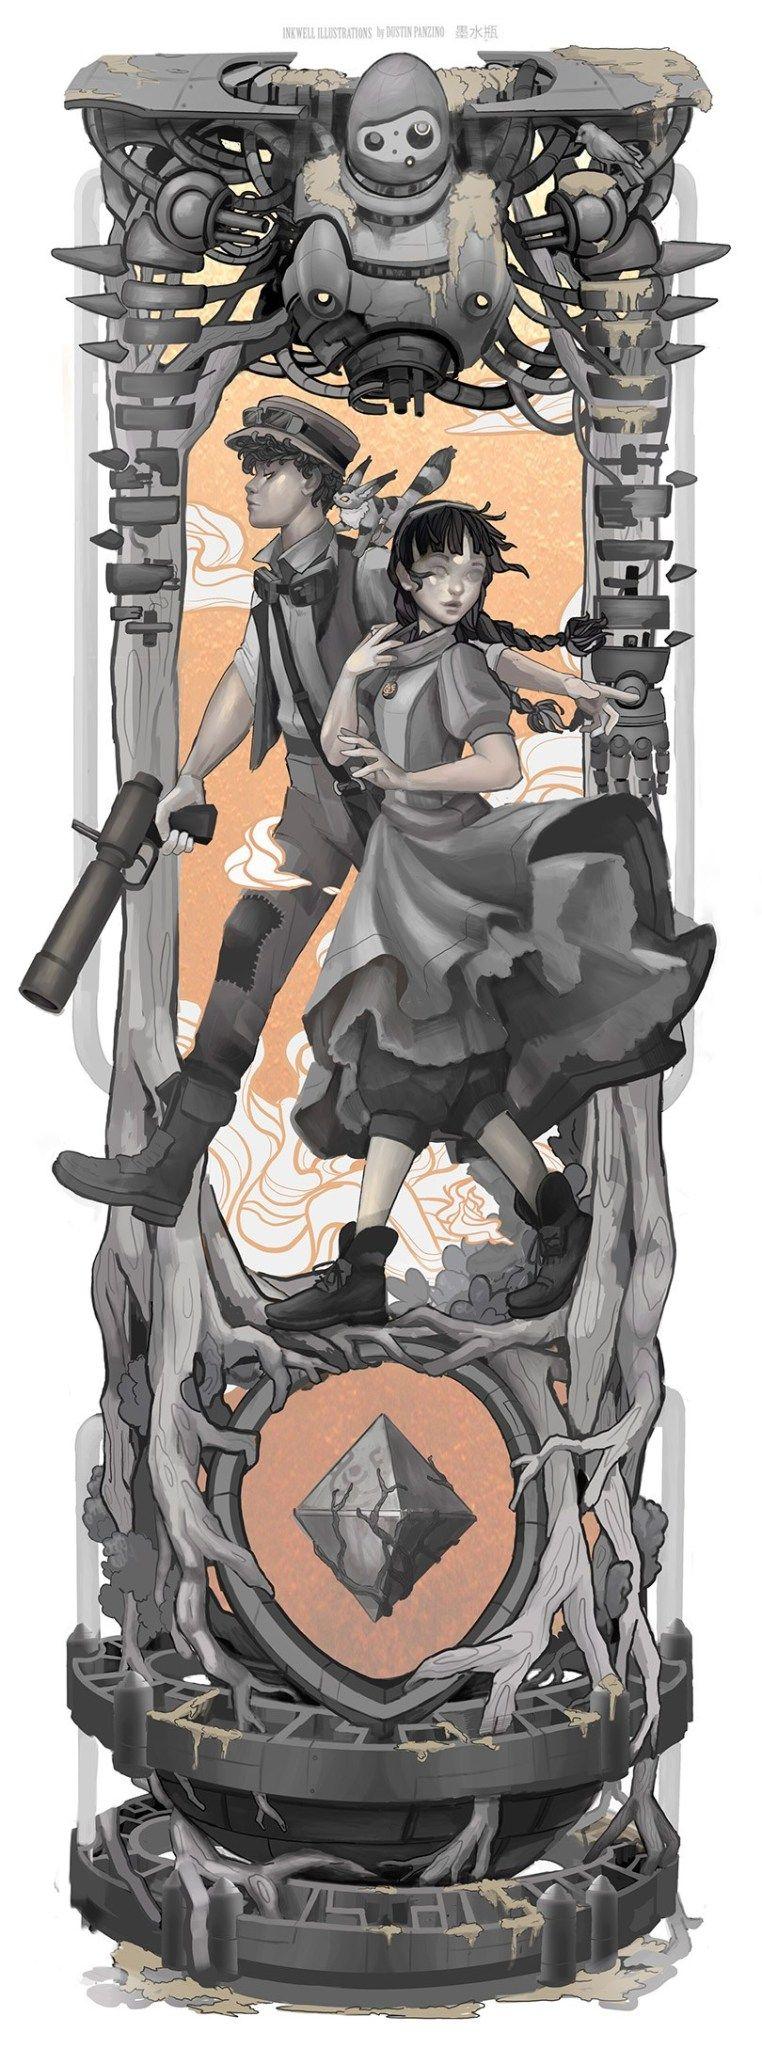 Personagens do Studio Ghibli em Art Nouveau 6